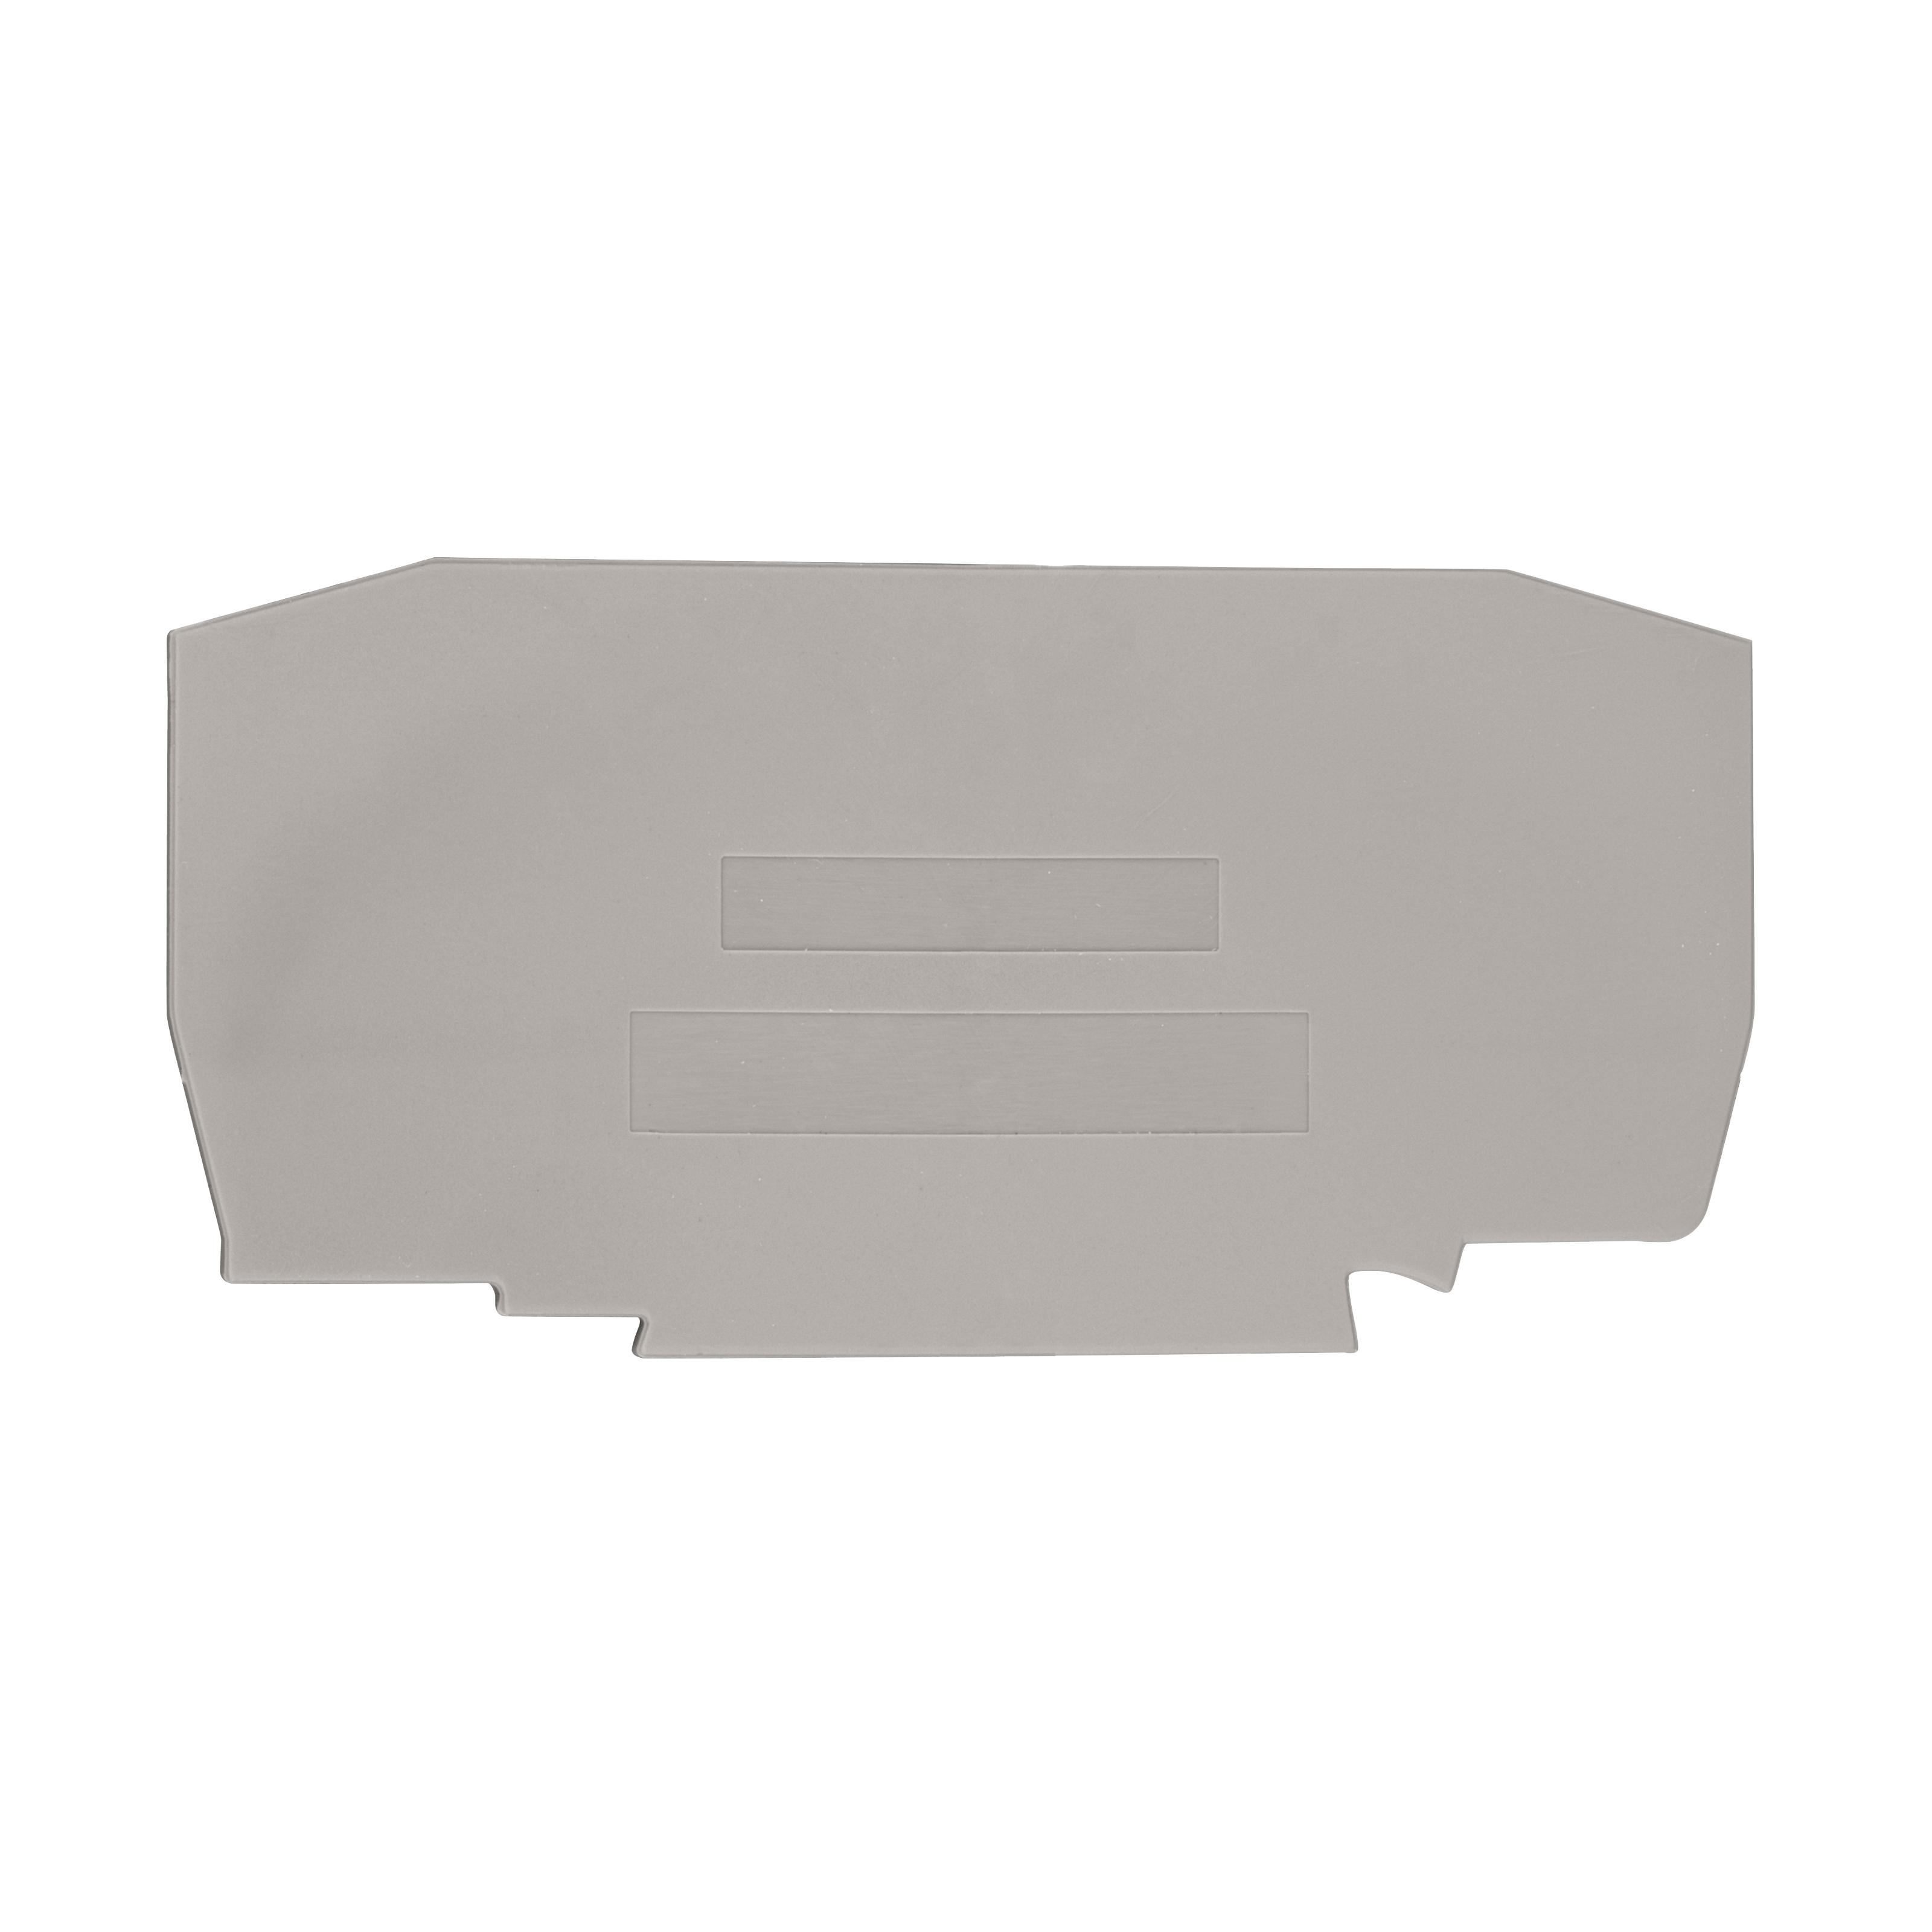 1 Stk Endplatte für Klemme, Type YBK 10mm² grau IK610210--